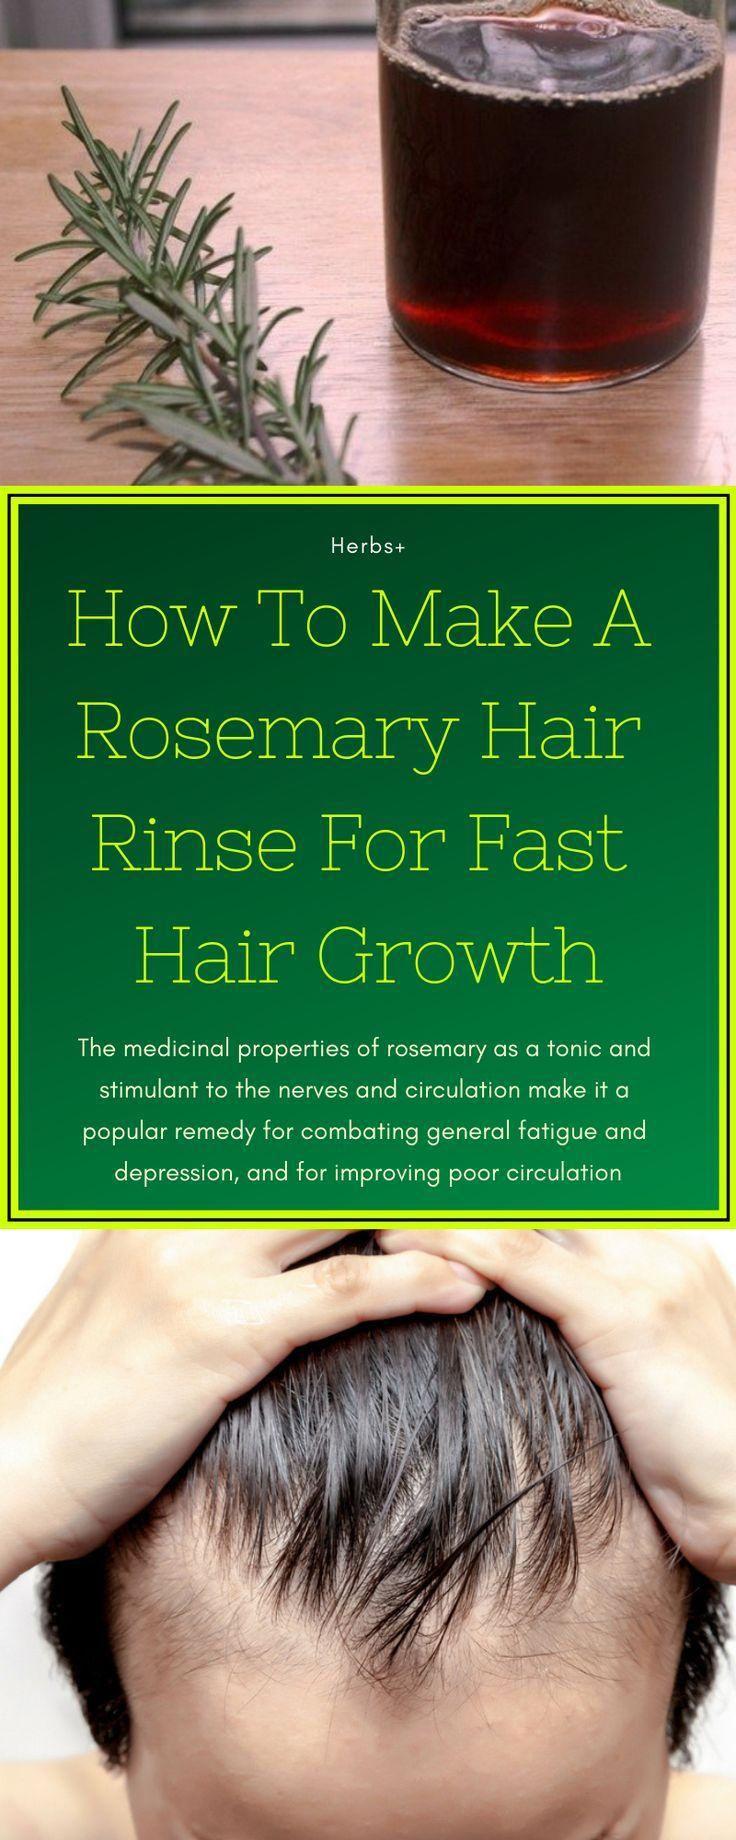 Wie man ein Rosmarinhaar ausspült für schnelles Haarwachstum